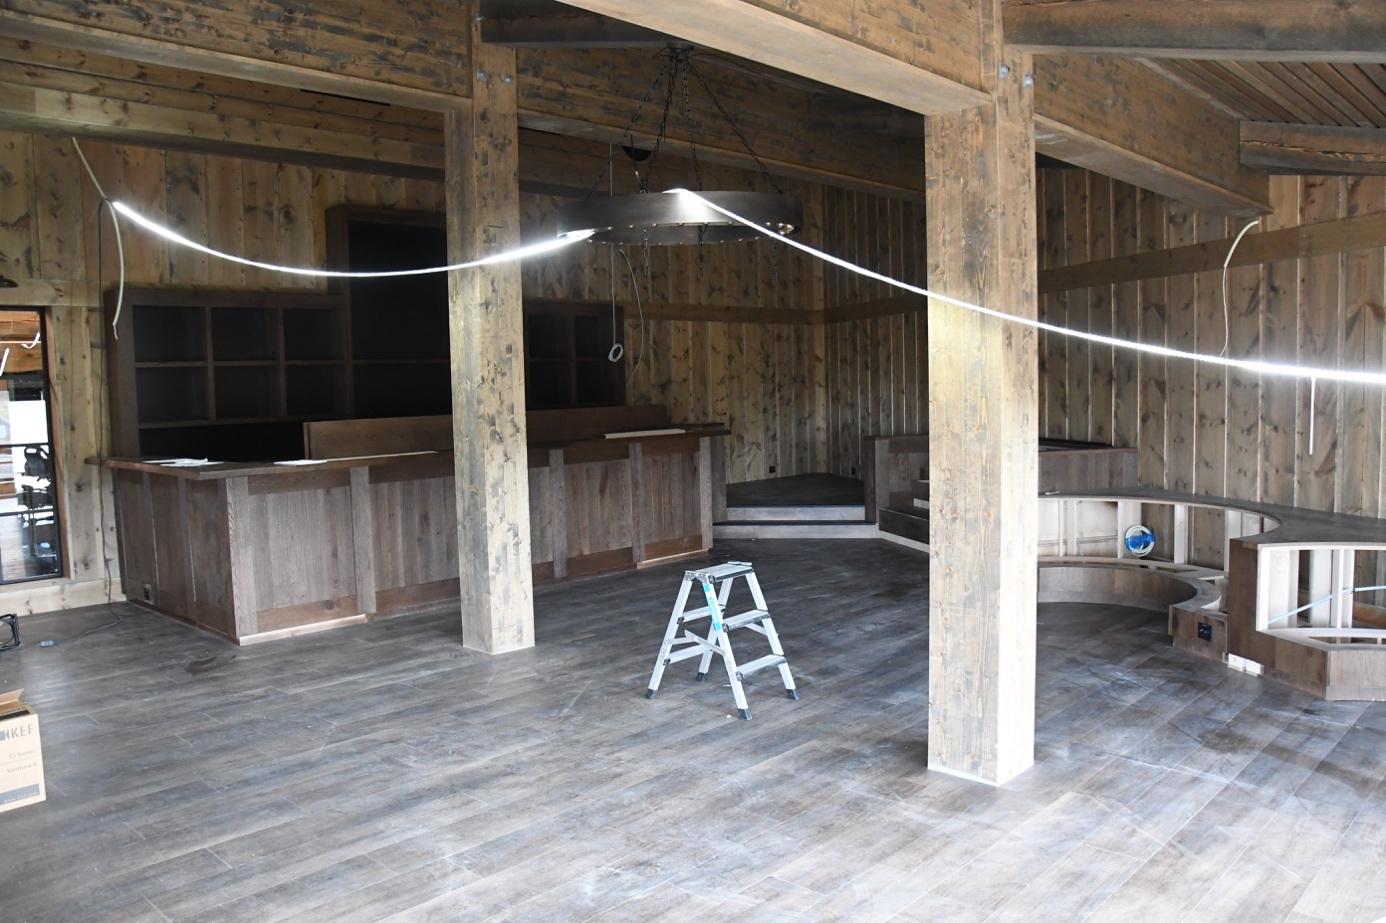 Et bilde som inneholder gulv, bakke, bygning, innendørs  Automatisk generert beskrivelse